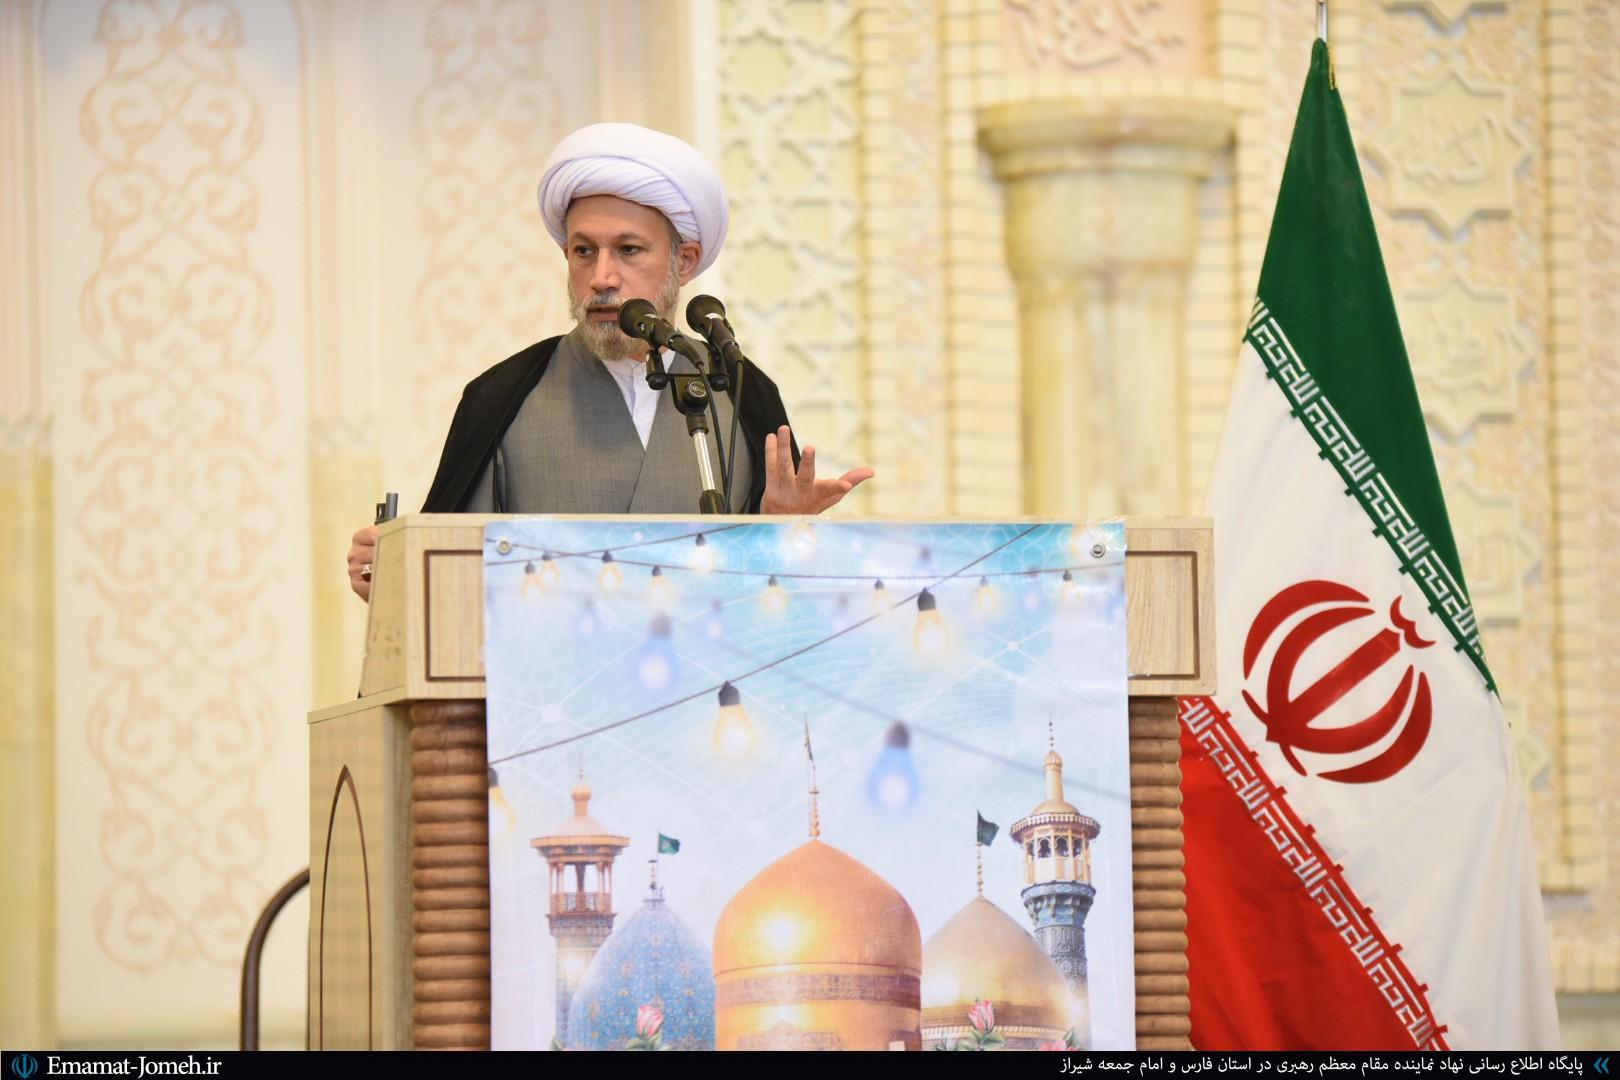 صوت نماز جمعه شیراز ۶ تیرماه ۹۹